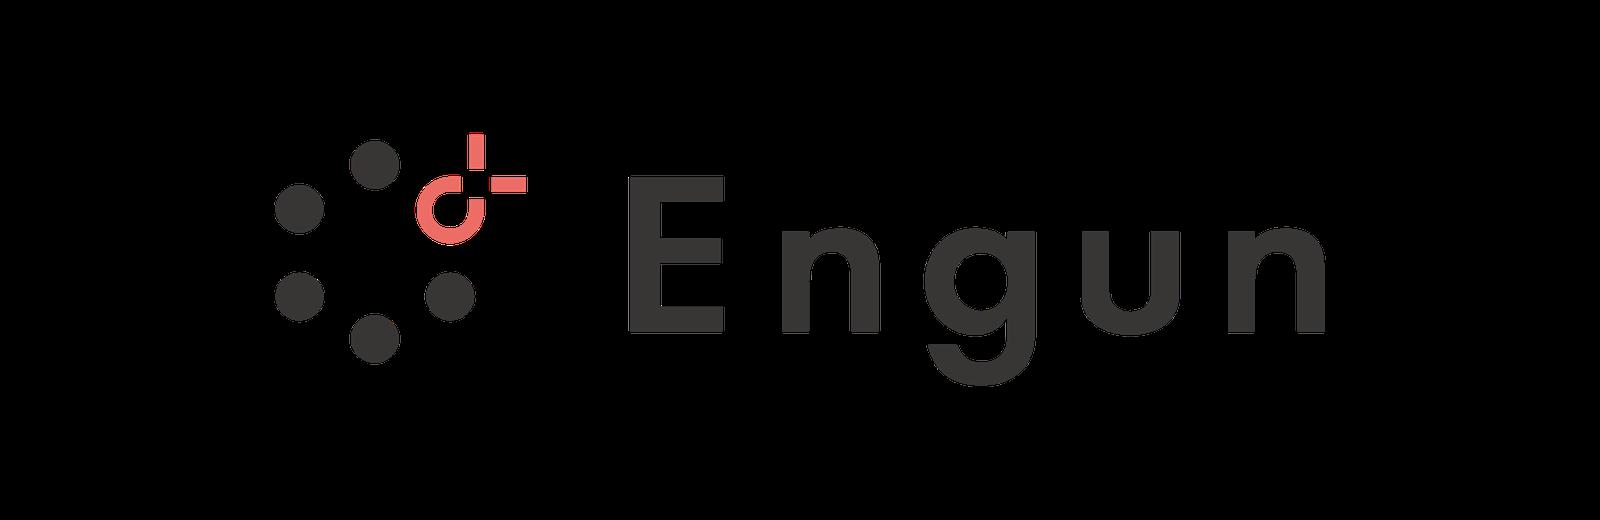 Engun logo2